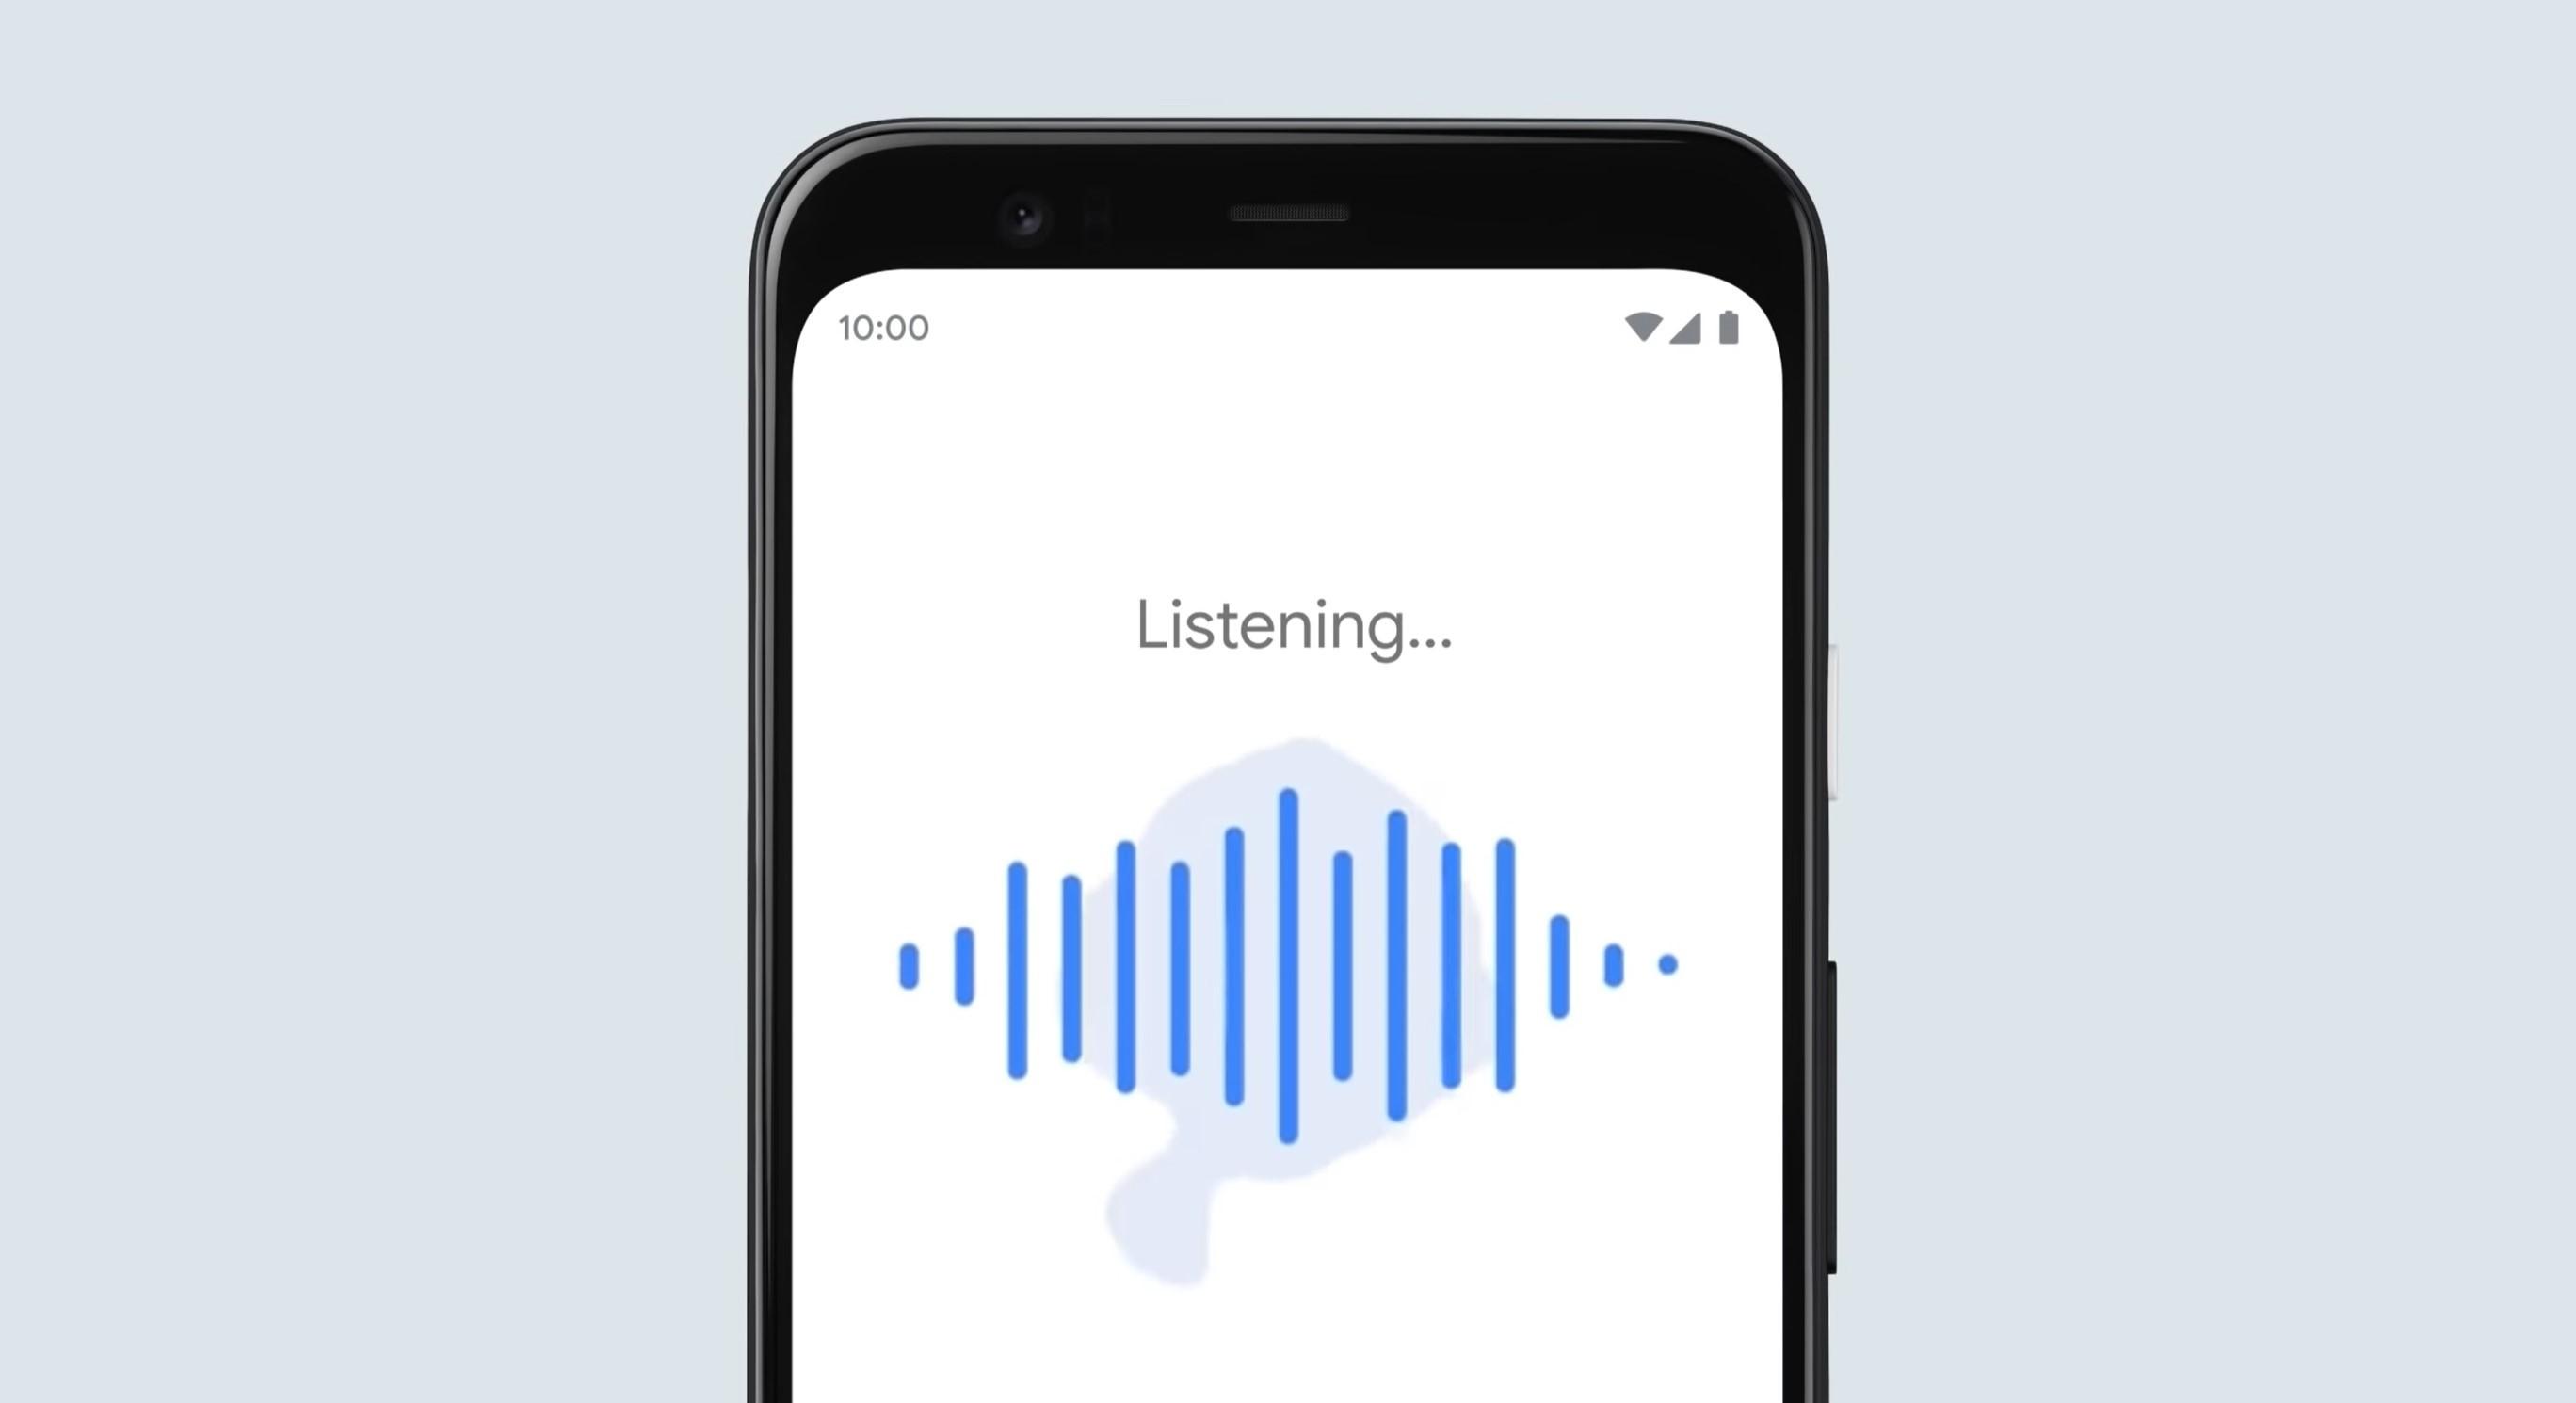 Zanuć piosenkę Asystentowi Google, a on spróbuje ją znaleźć 19 Google